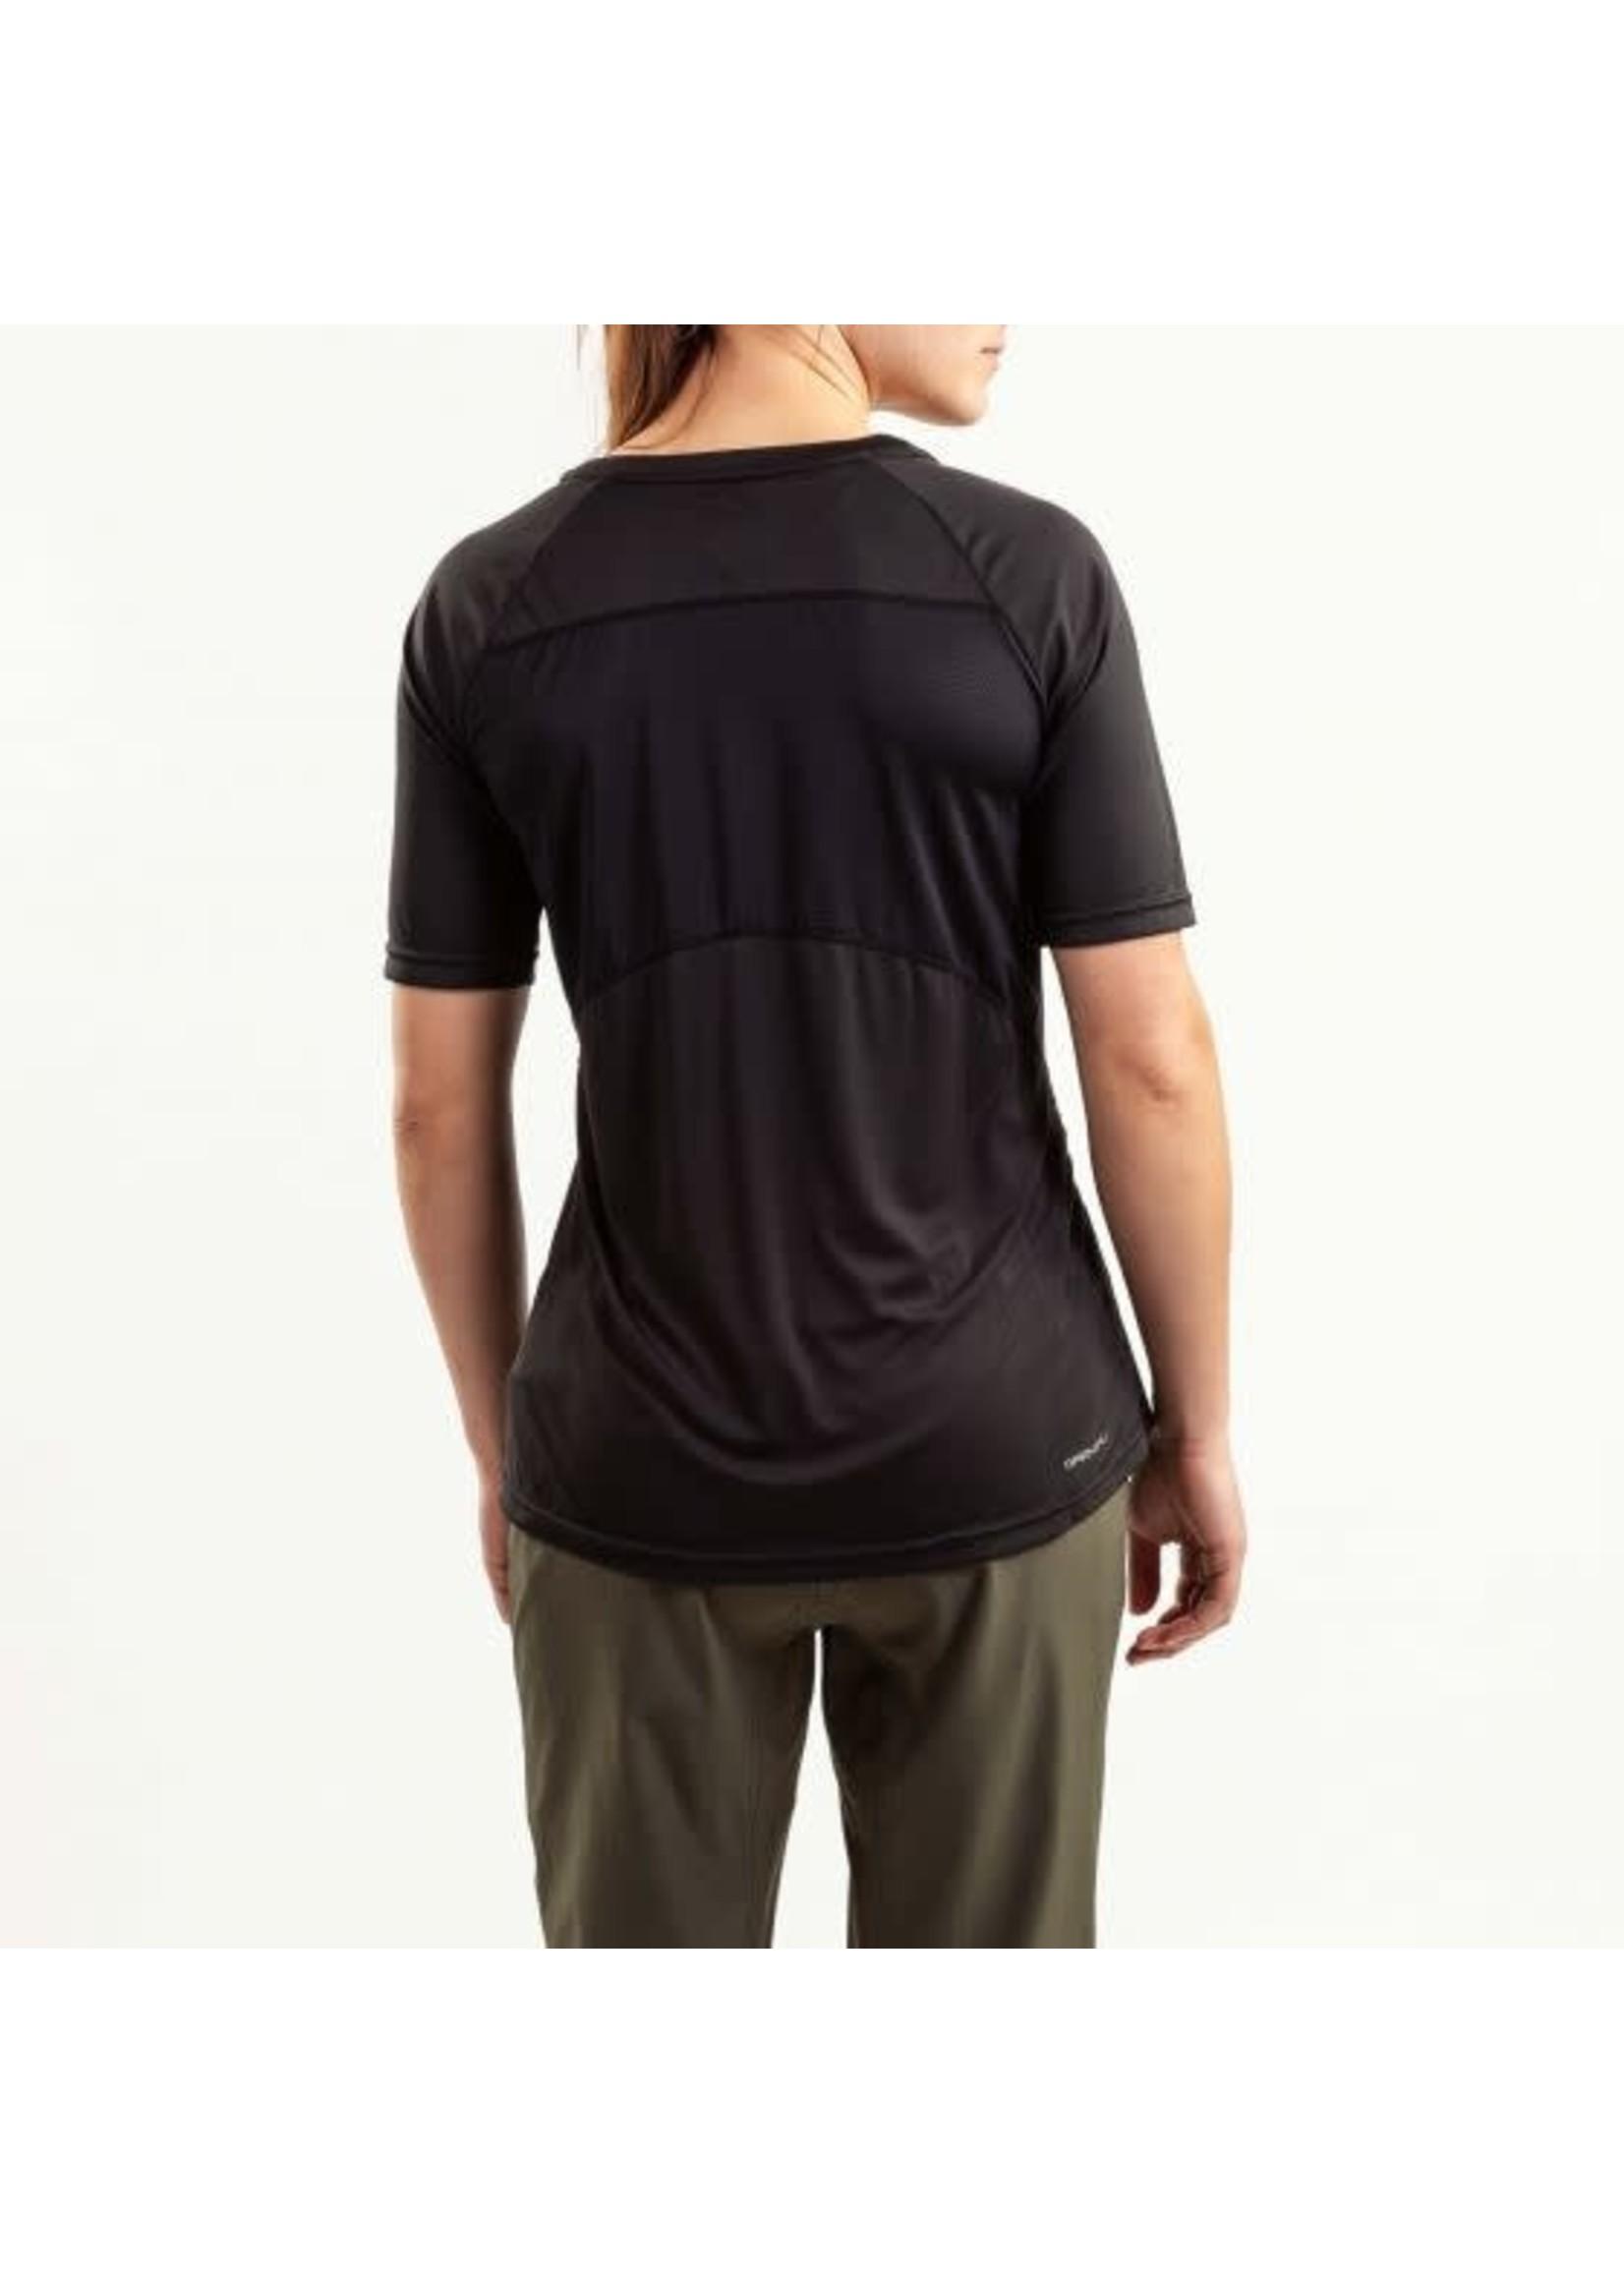 LOUIS GARNEAU T-shirt Hto 3